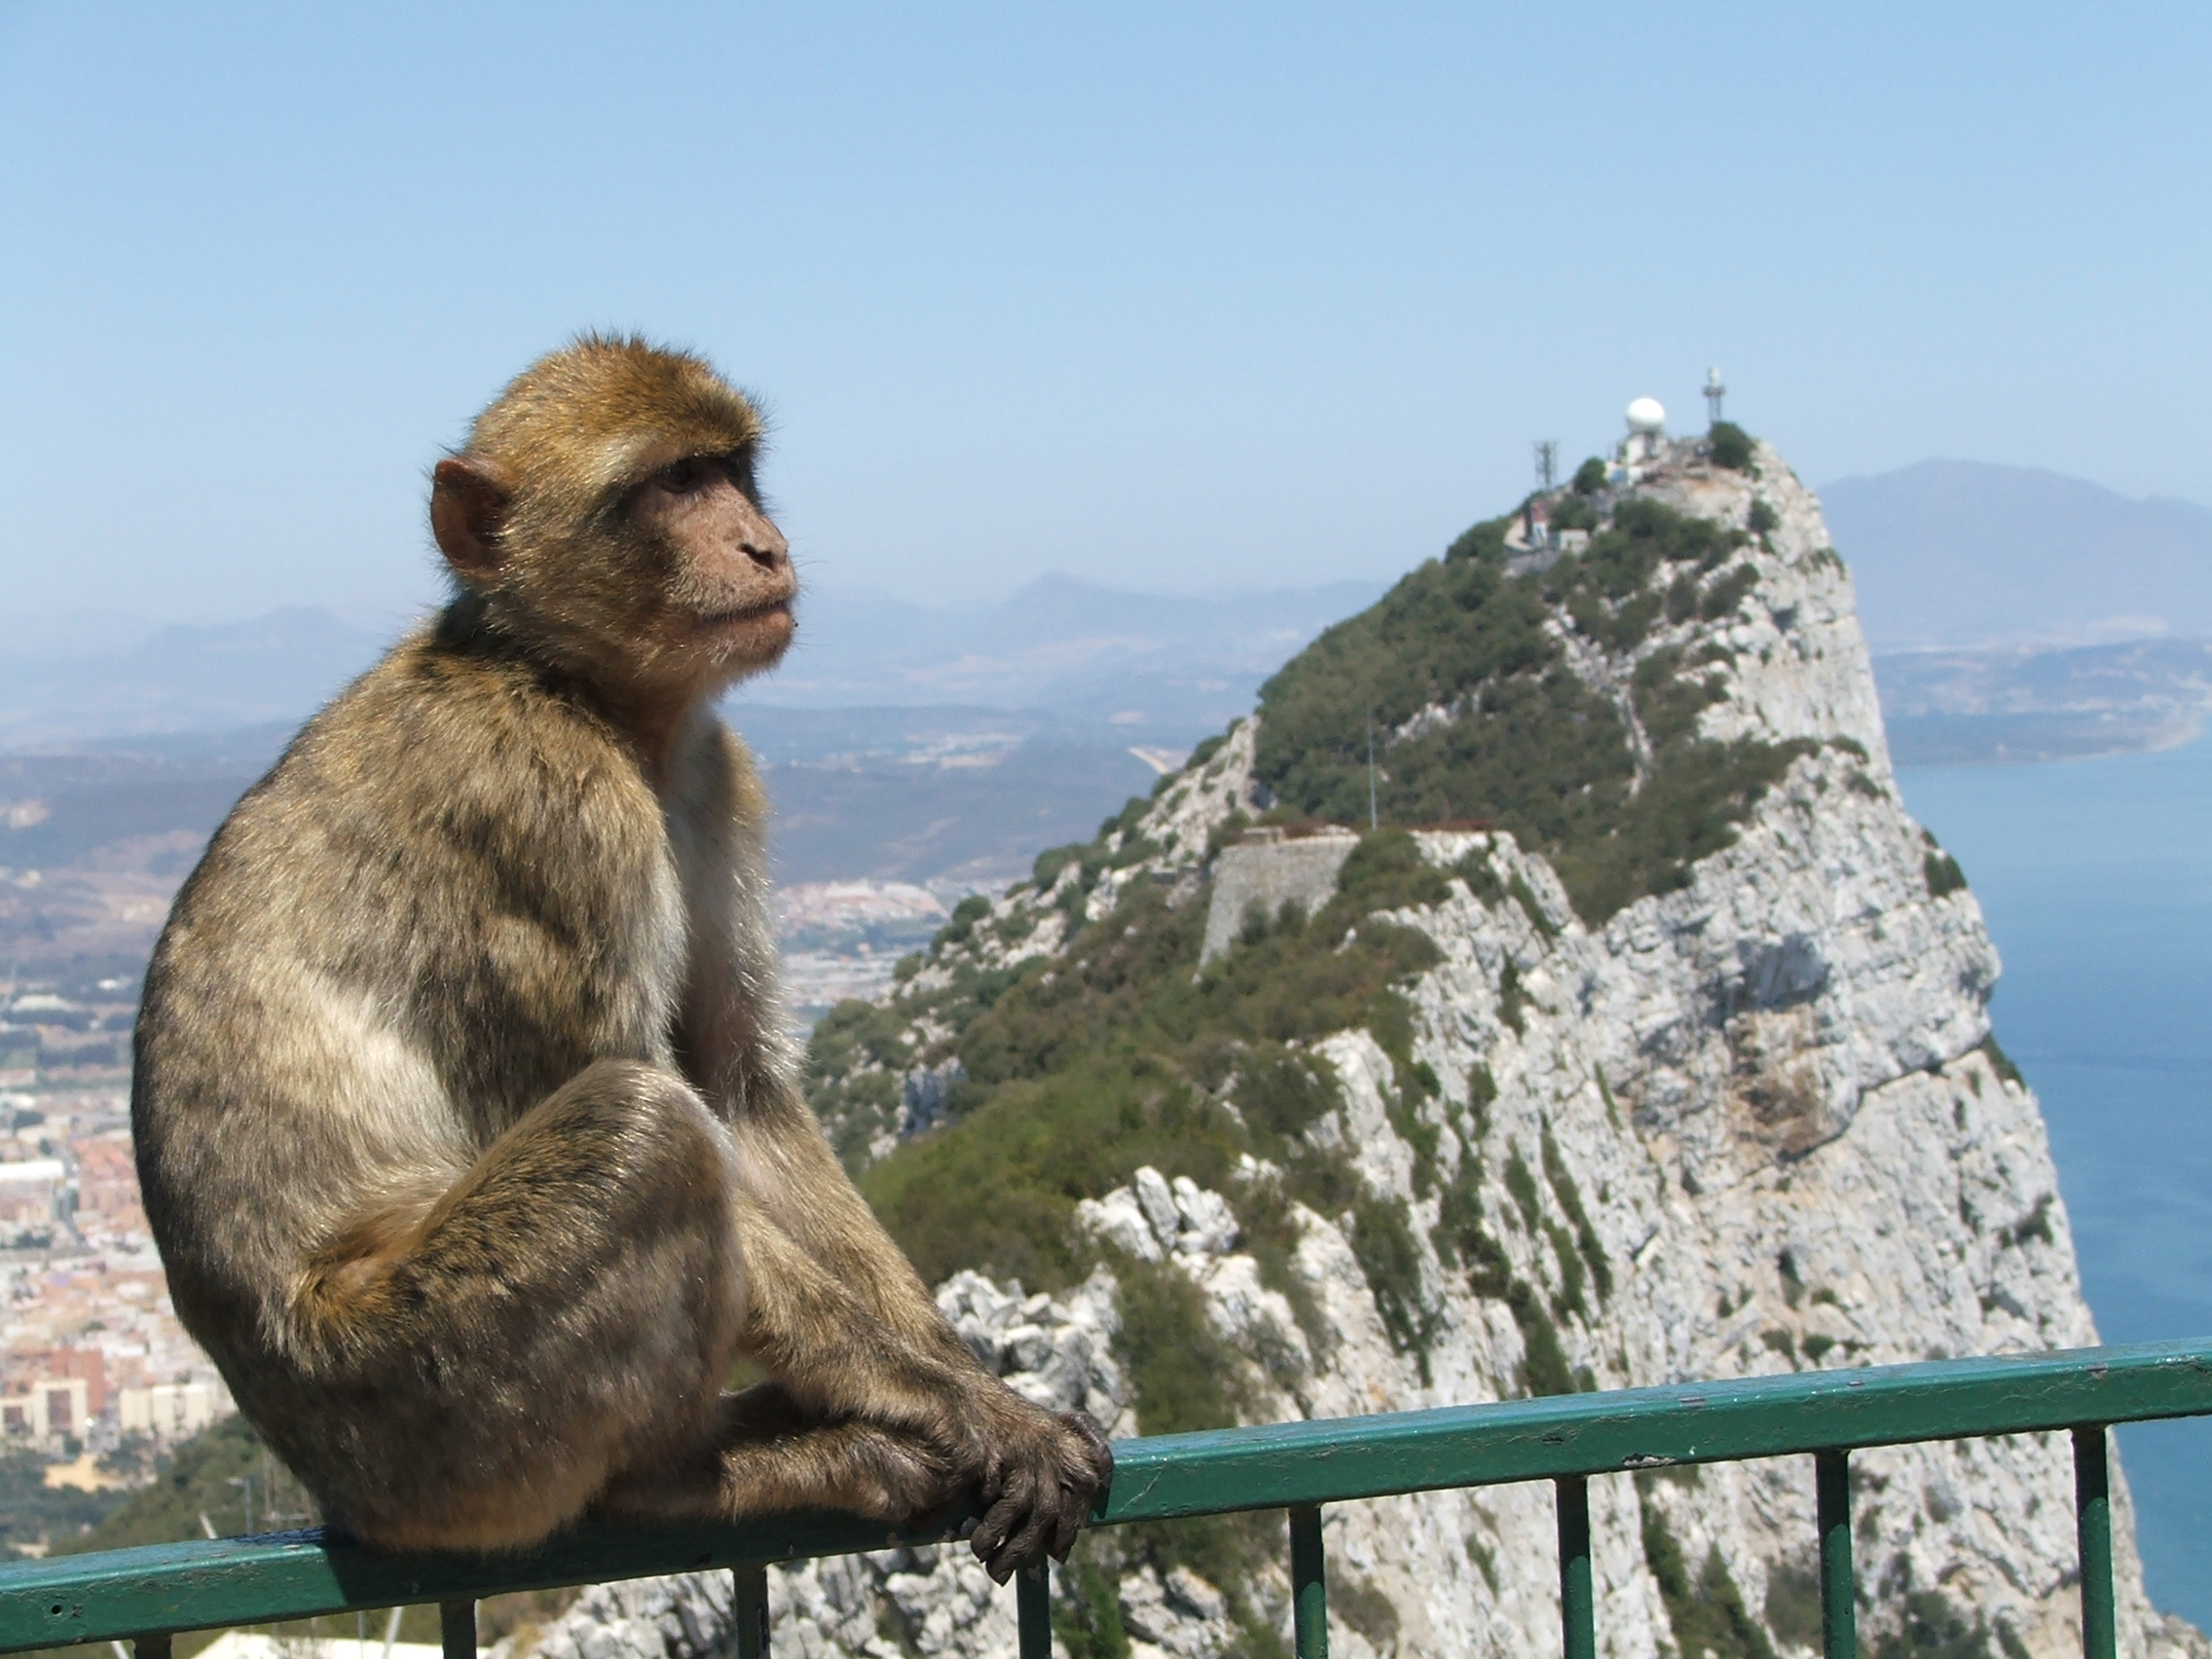 Во сколько обойдутся услуги сотовой связи на Гибралтаре